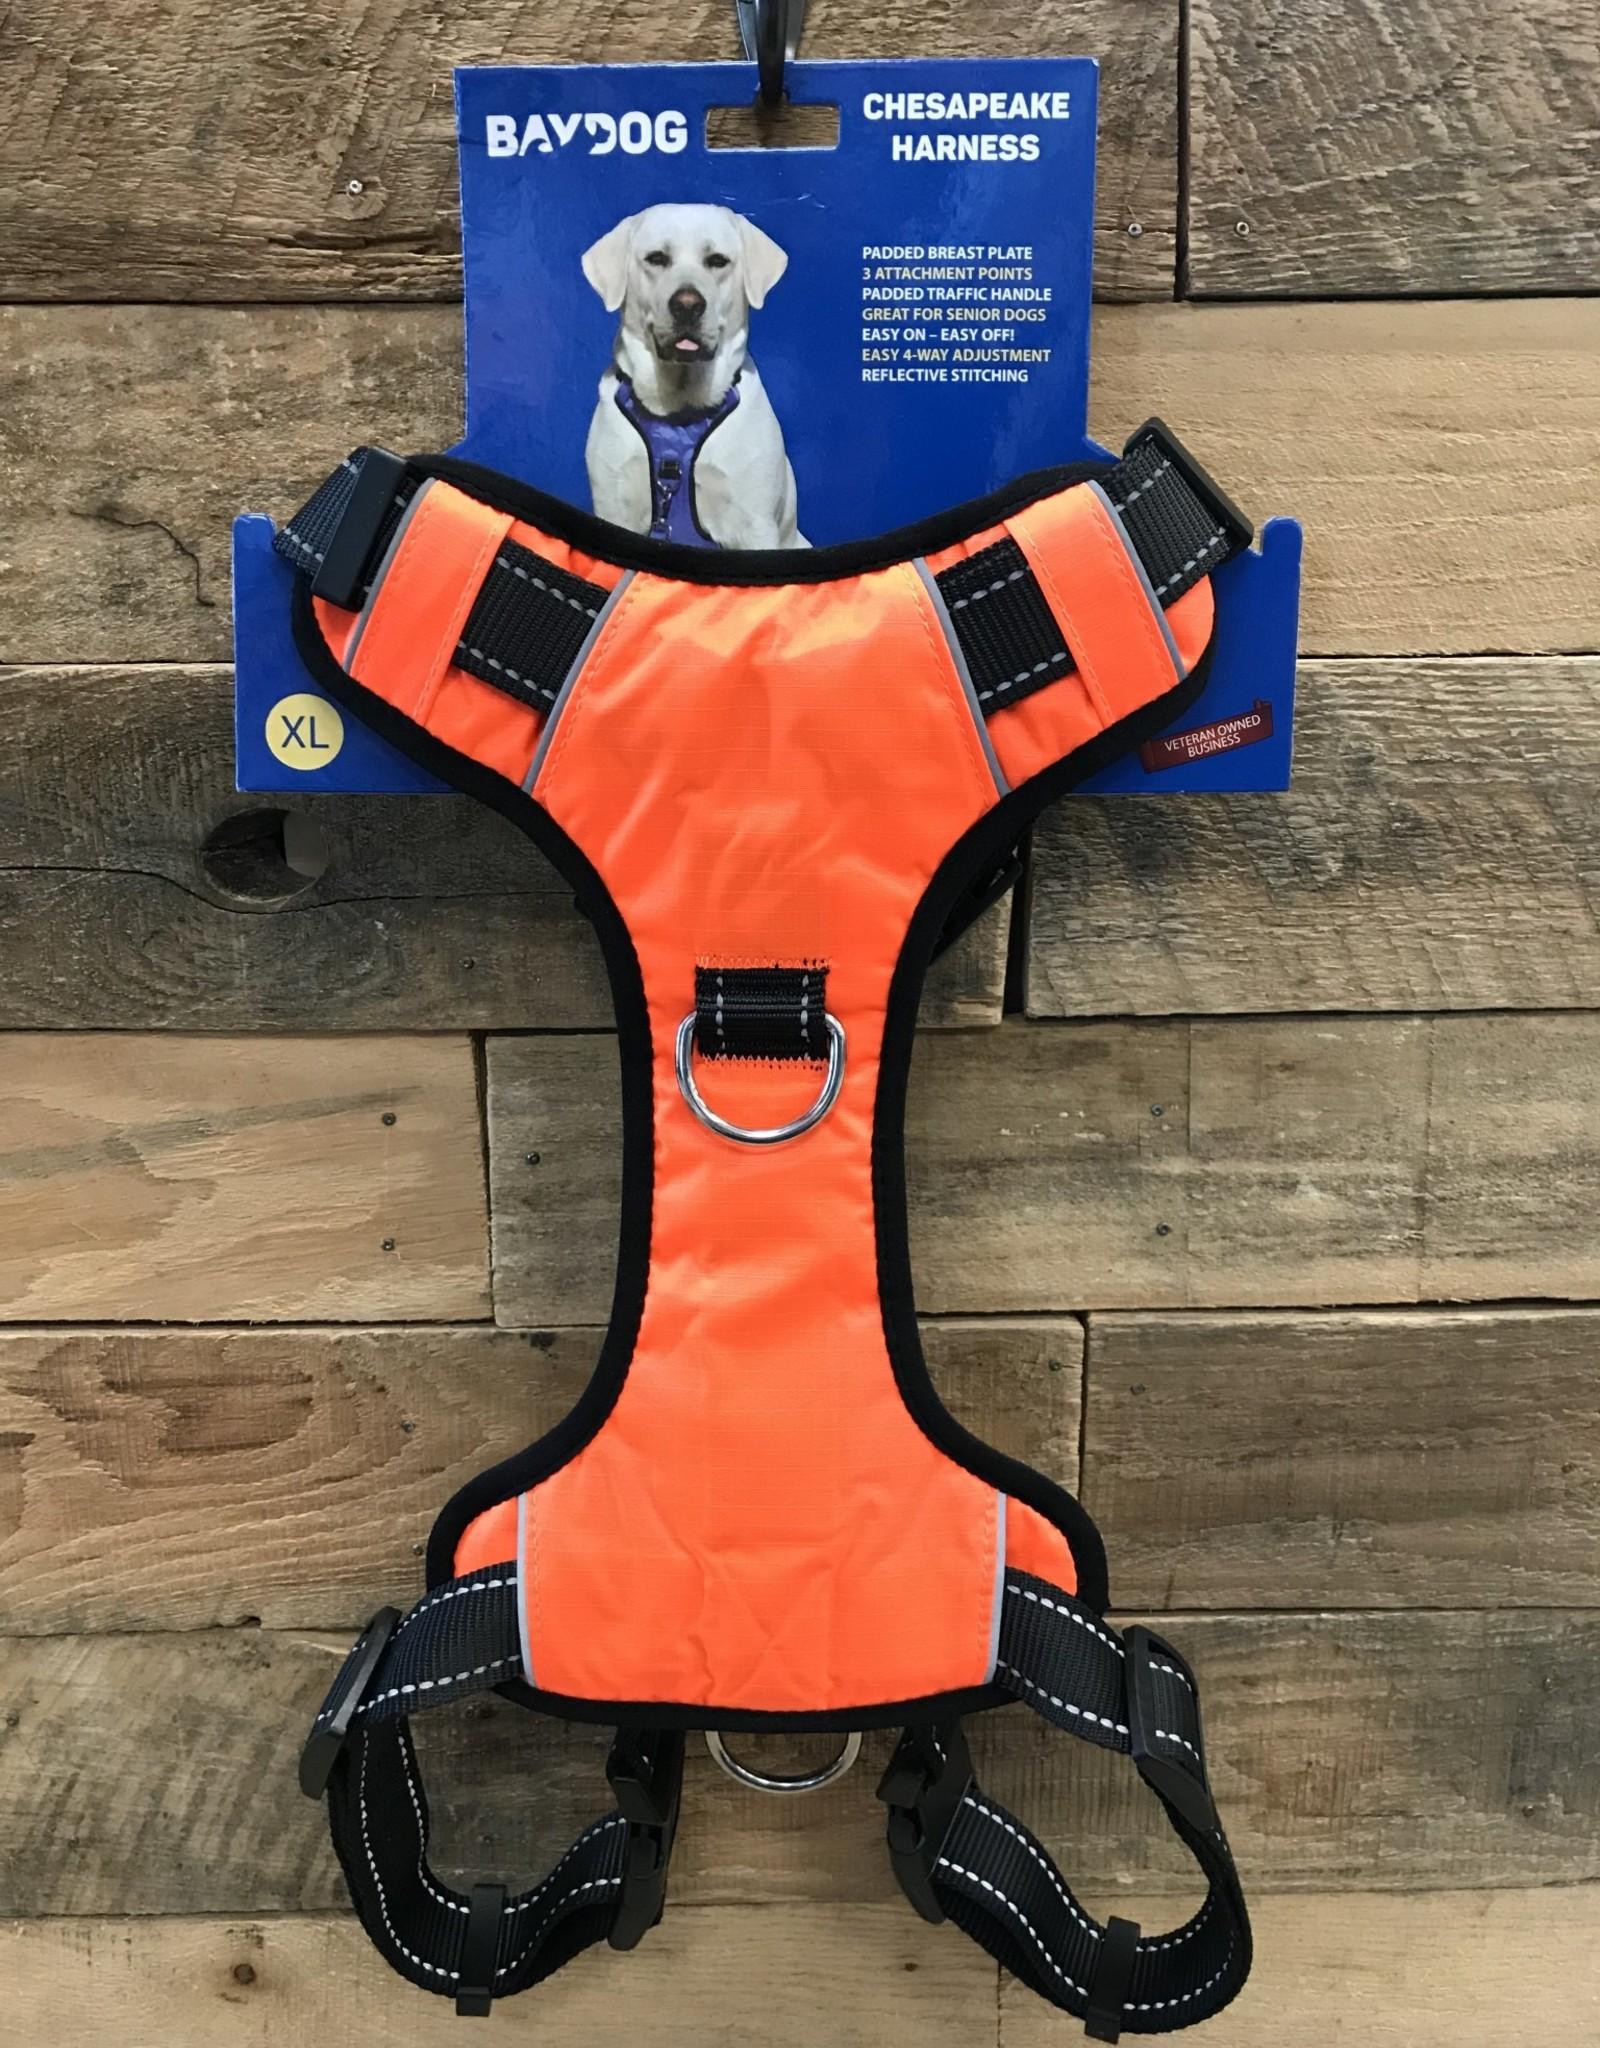 Baydog Baydog Extra Large Chesapeake Harness